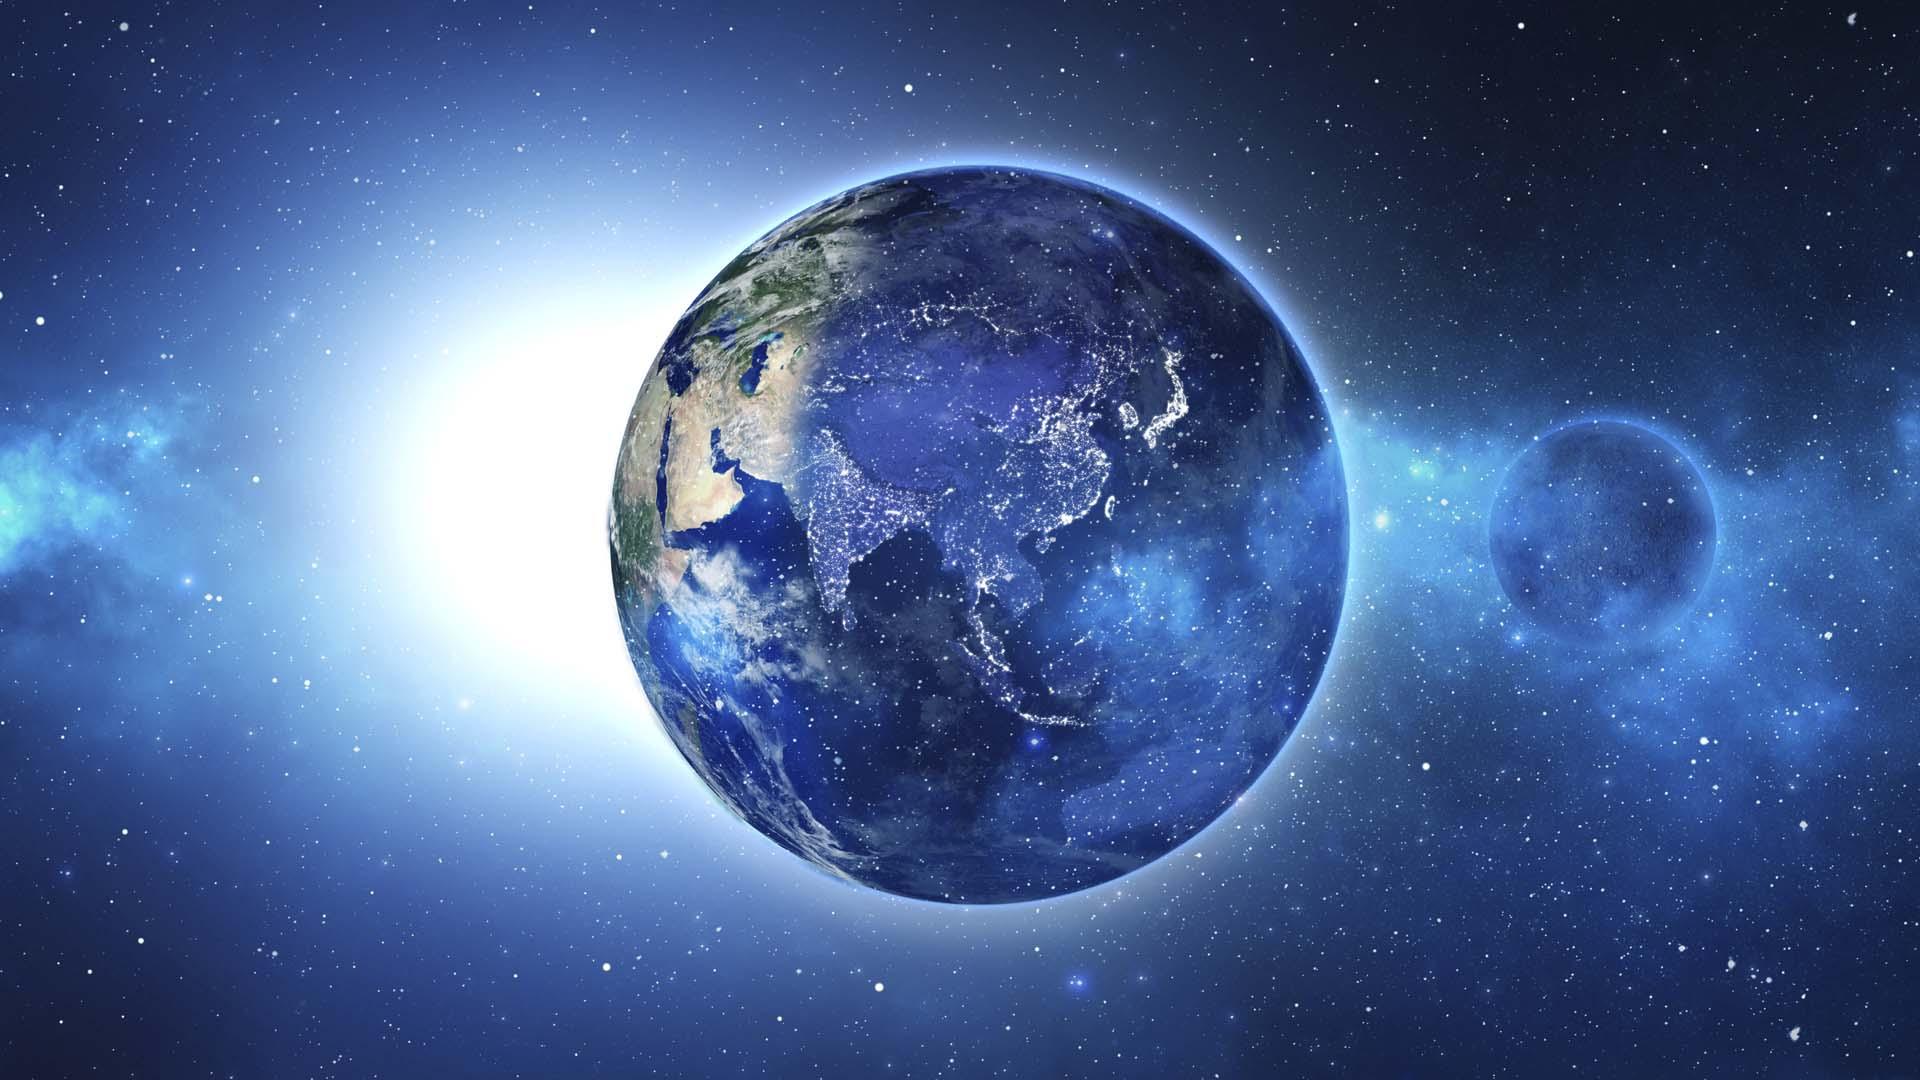 Estrenaron una web en donde se puede ver lo que capta la cámara de nuestro planeta